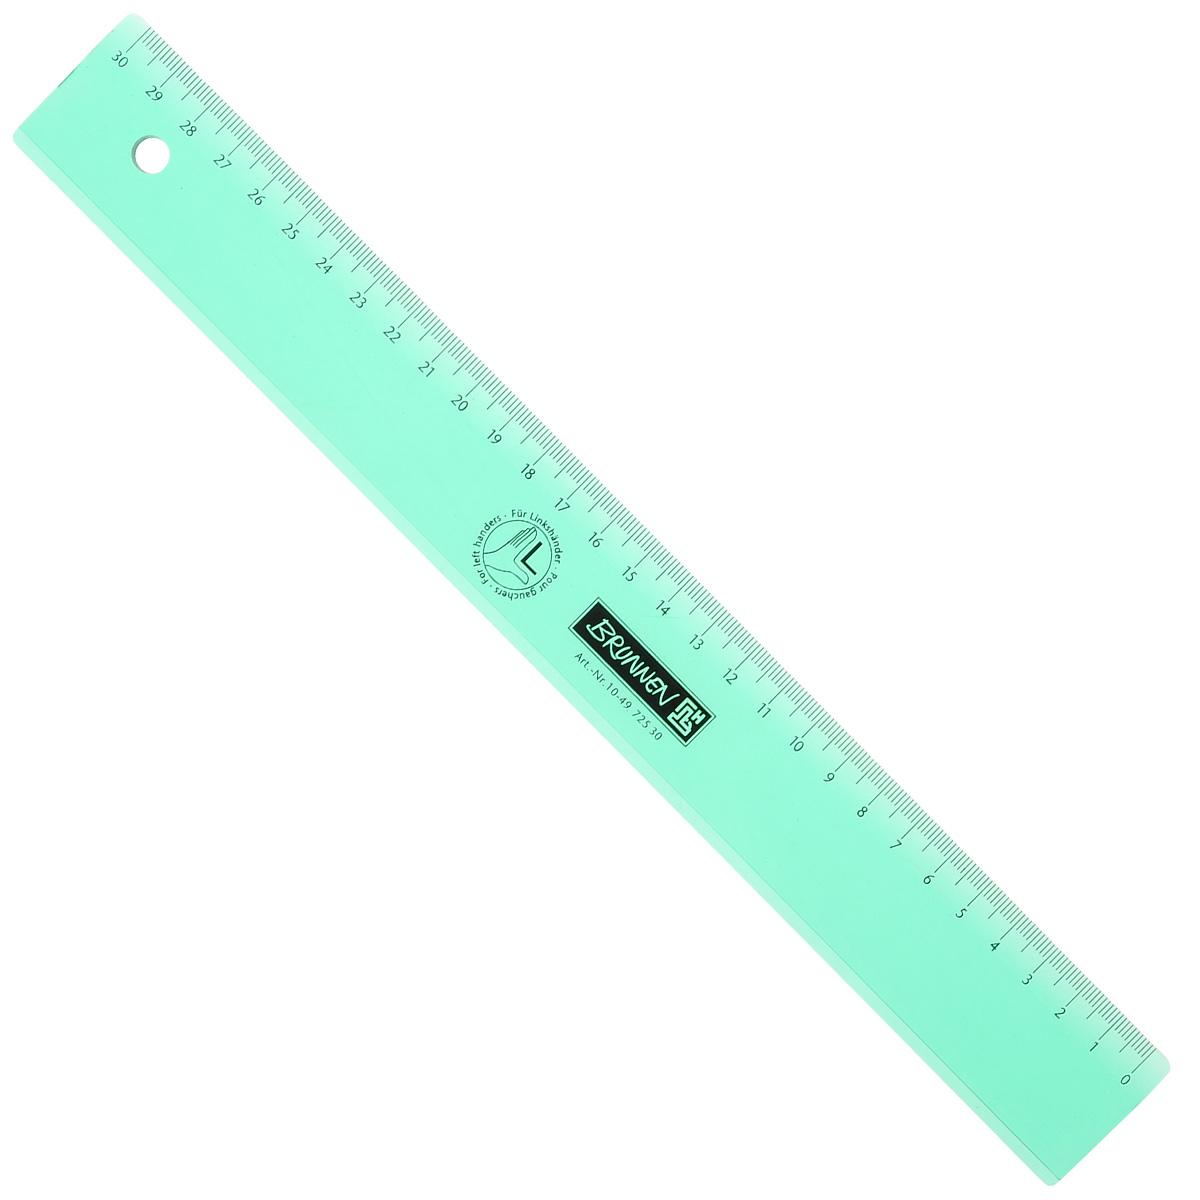 Линейка для левши Brunnen, цвет: зеленый, 30 см730396Линейка Brunnen, длиной 30 см, выполнена из прозрачного пластика зеленого цвета. Линейка предназначена специально для левшей. Шкала на линейке расположена справа налево. Линейка Brunnen - это незаменимый атрибут, необходимый школьнику или студенту, упрощающий измерение и обеспечивающий ровность проводимых линий.